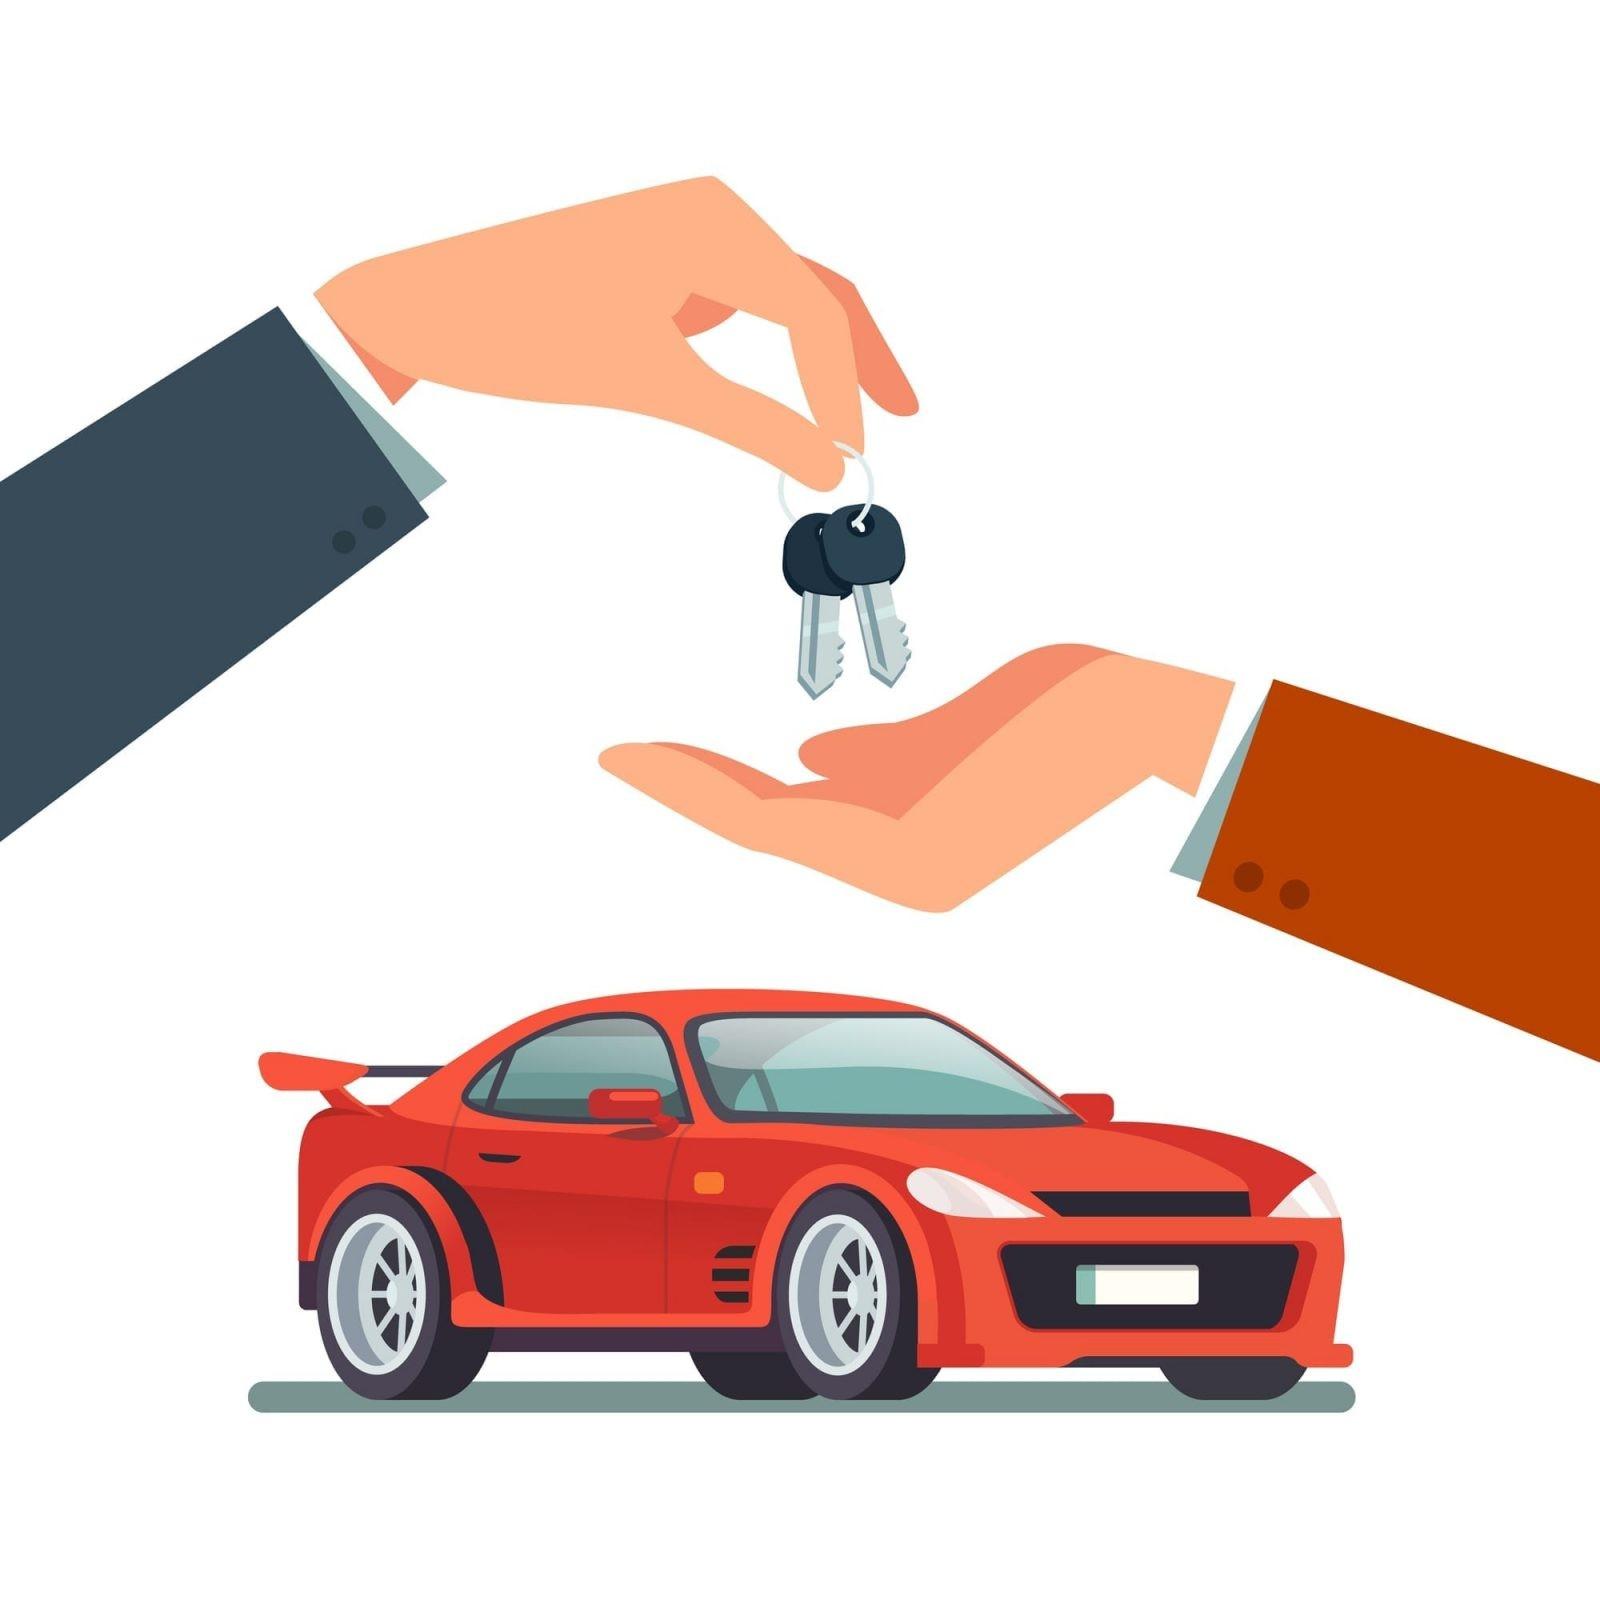 vender o carro usado